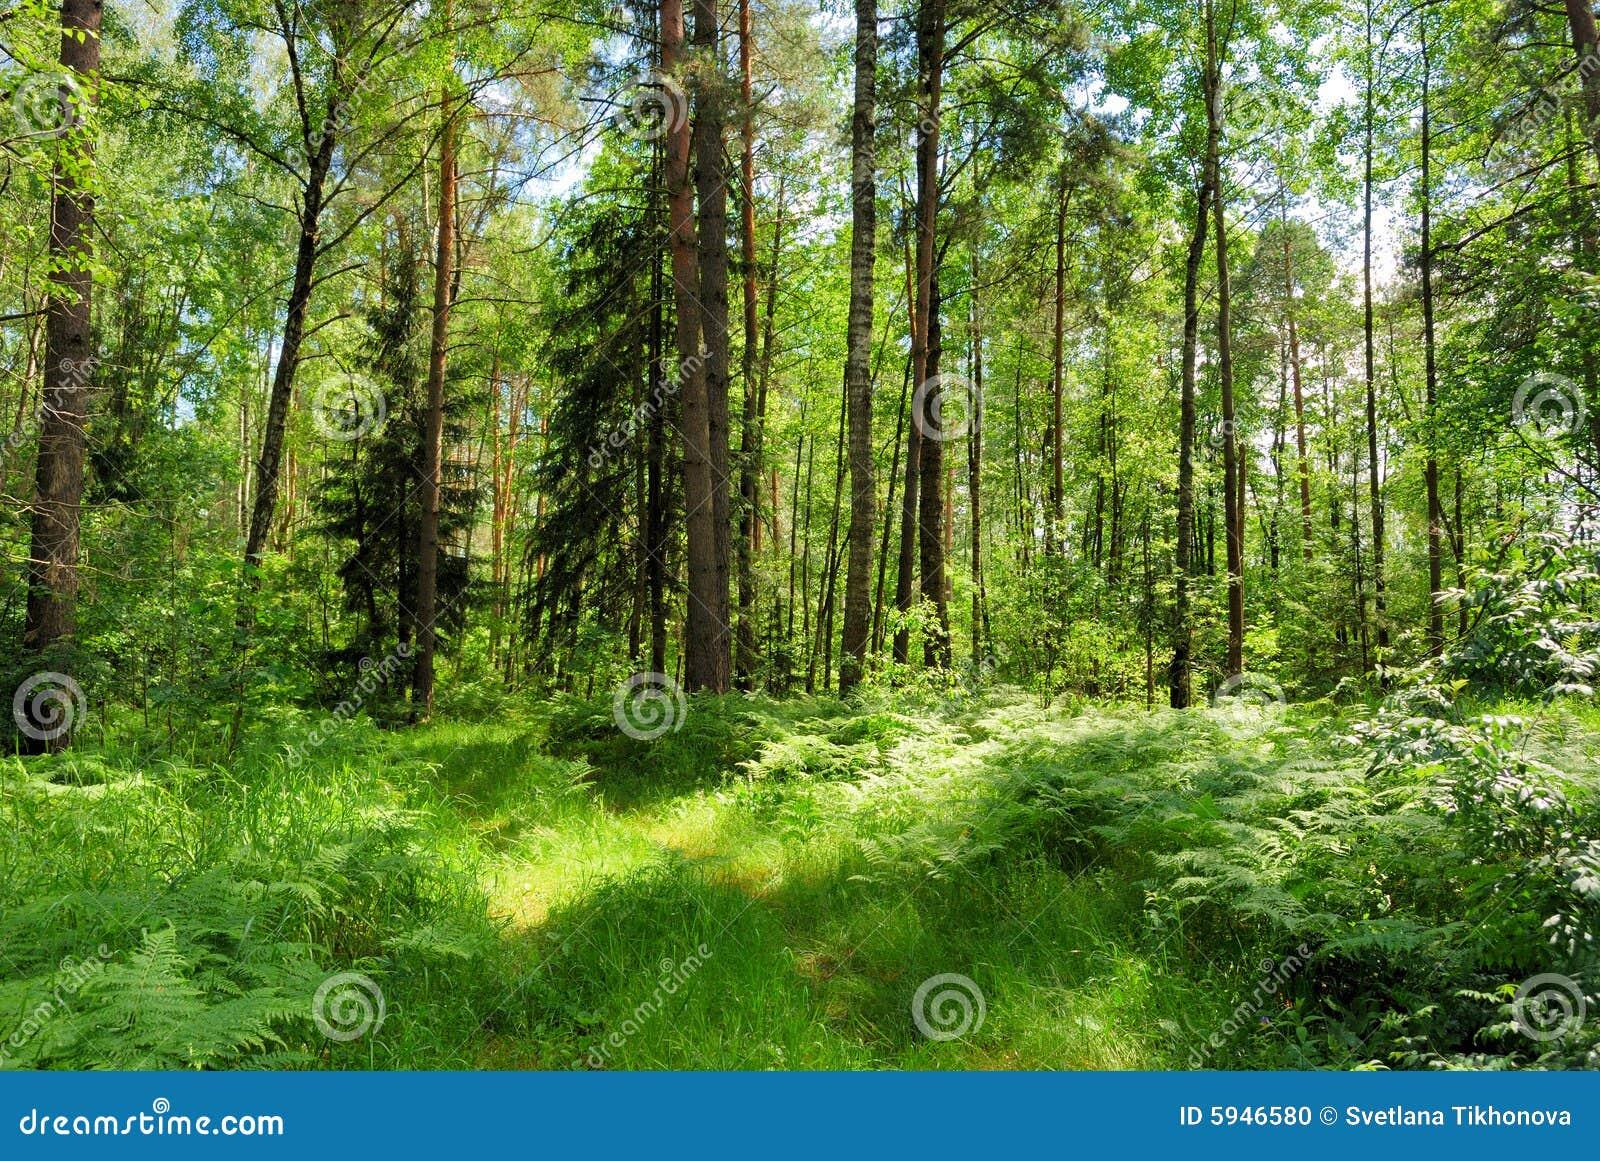 高清夏季森林图片大全展示